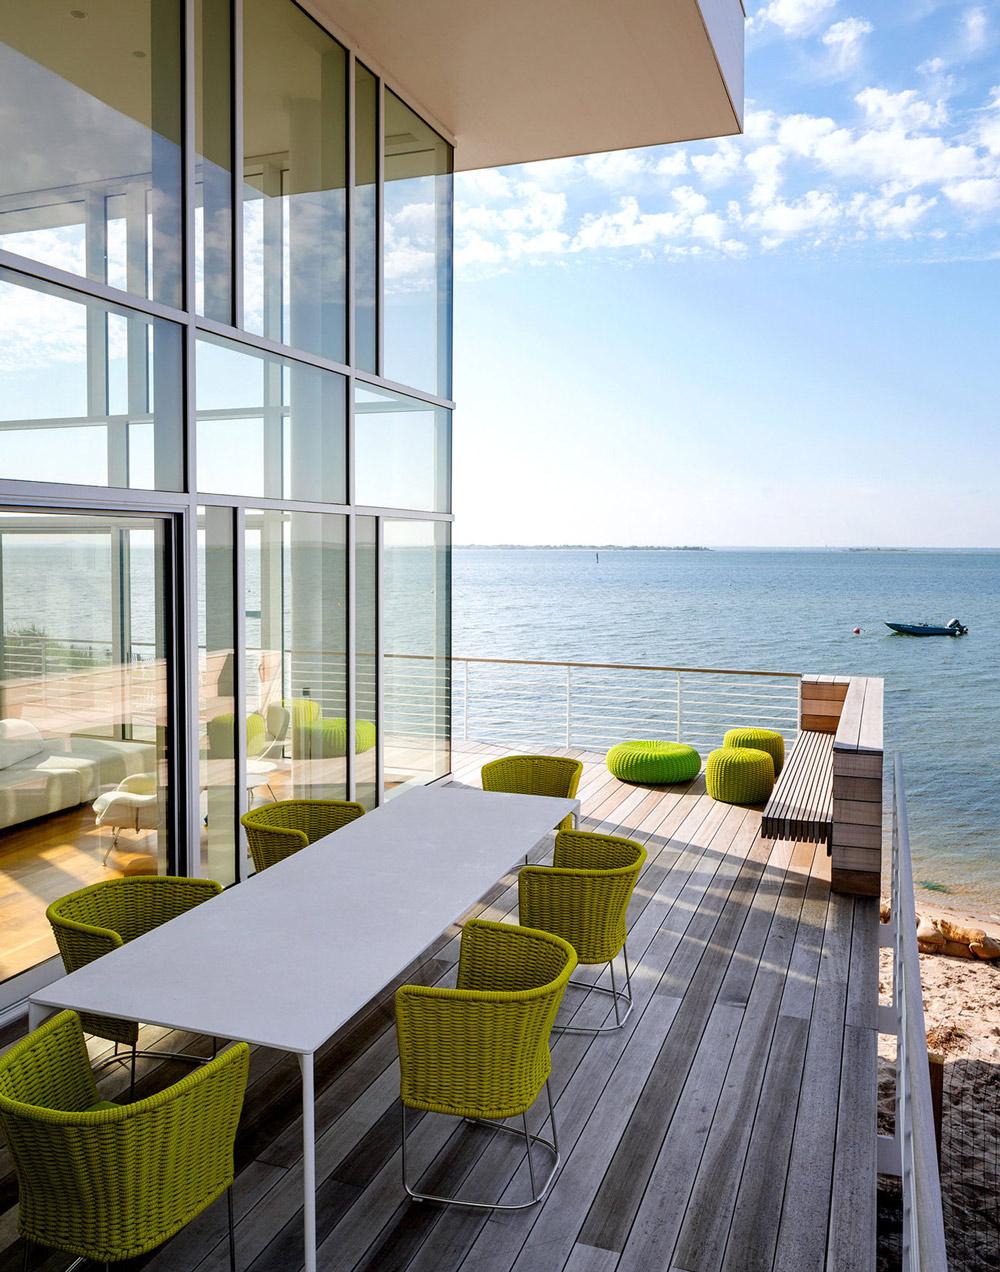 Balcony, Outdoor Dining Table, Ocean Views, Richard Meier's Fire Island House